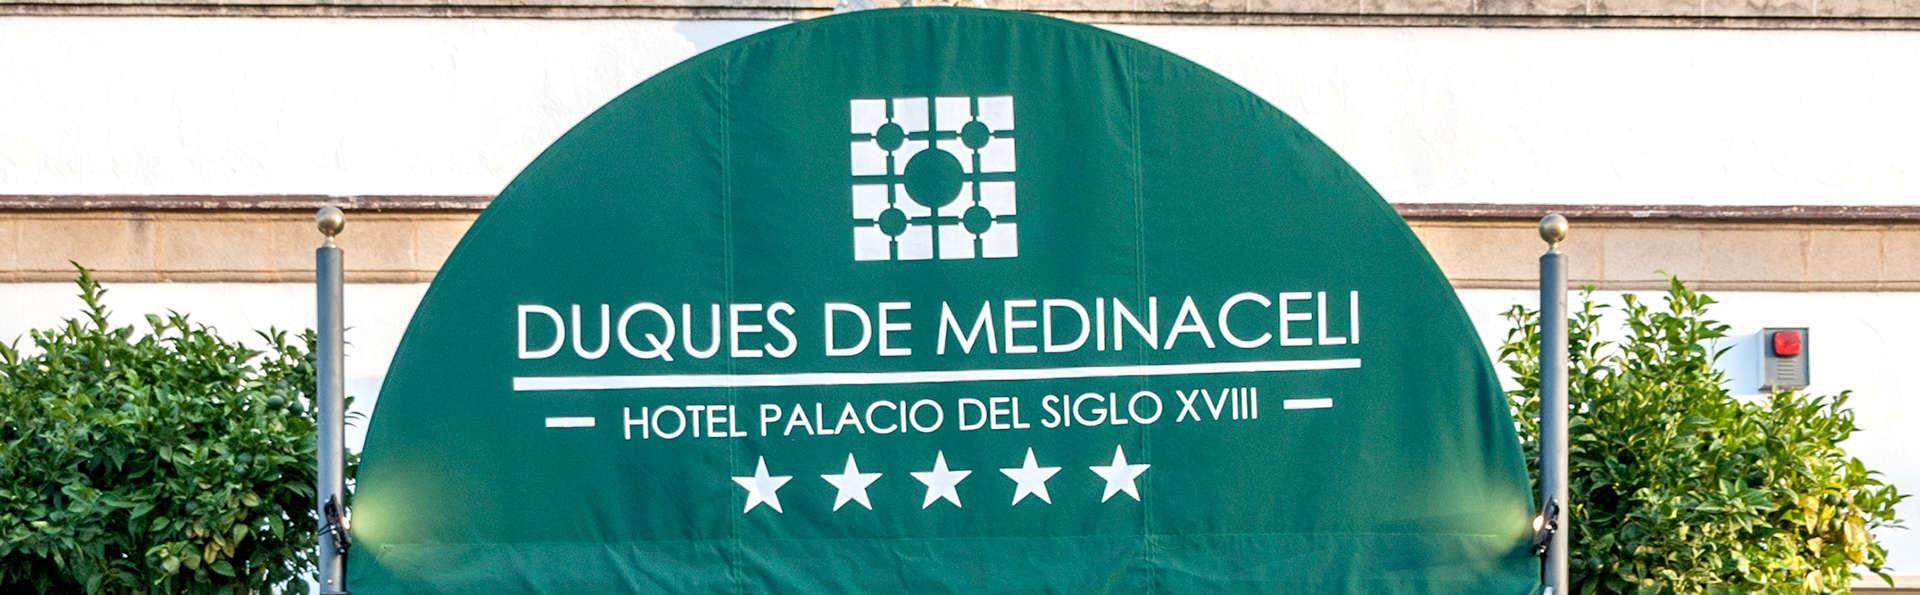 Hotel Duques de Medinaceli - Edit_Front2.jpg